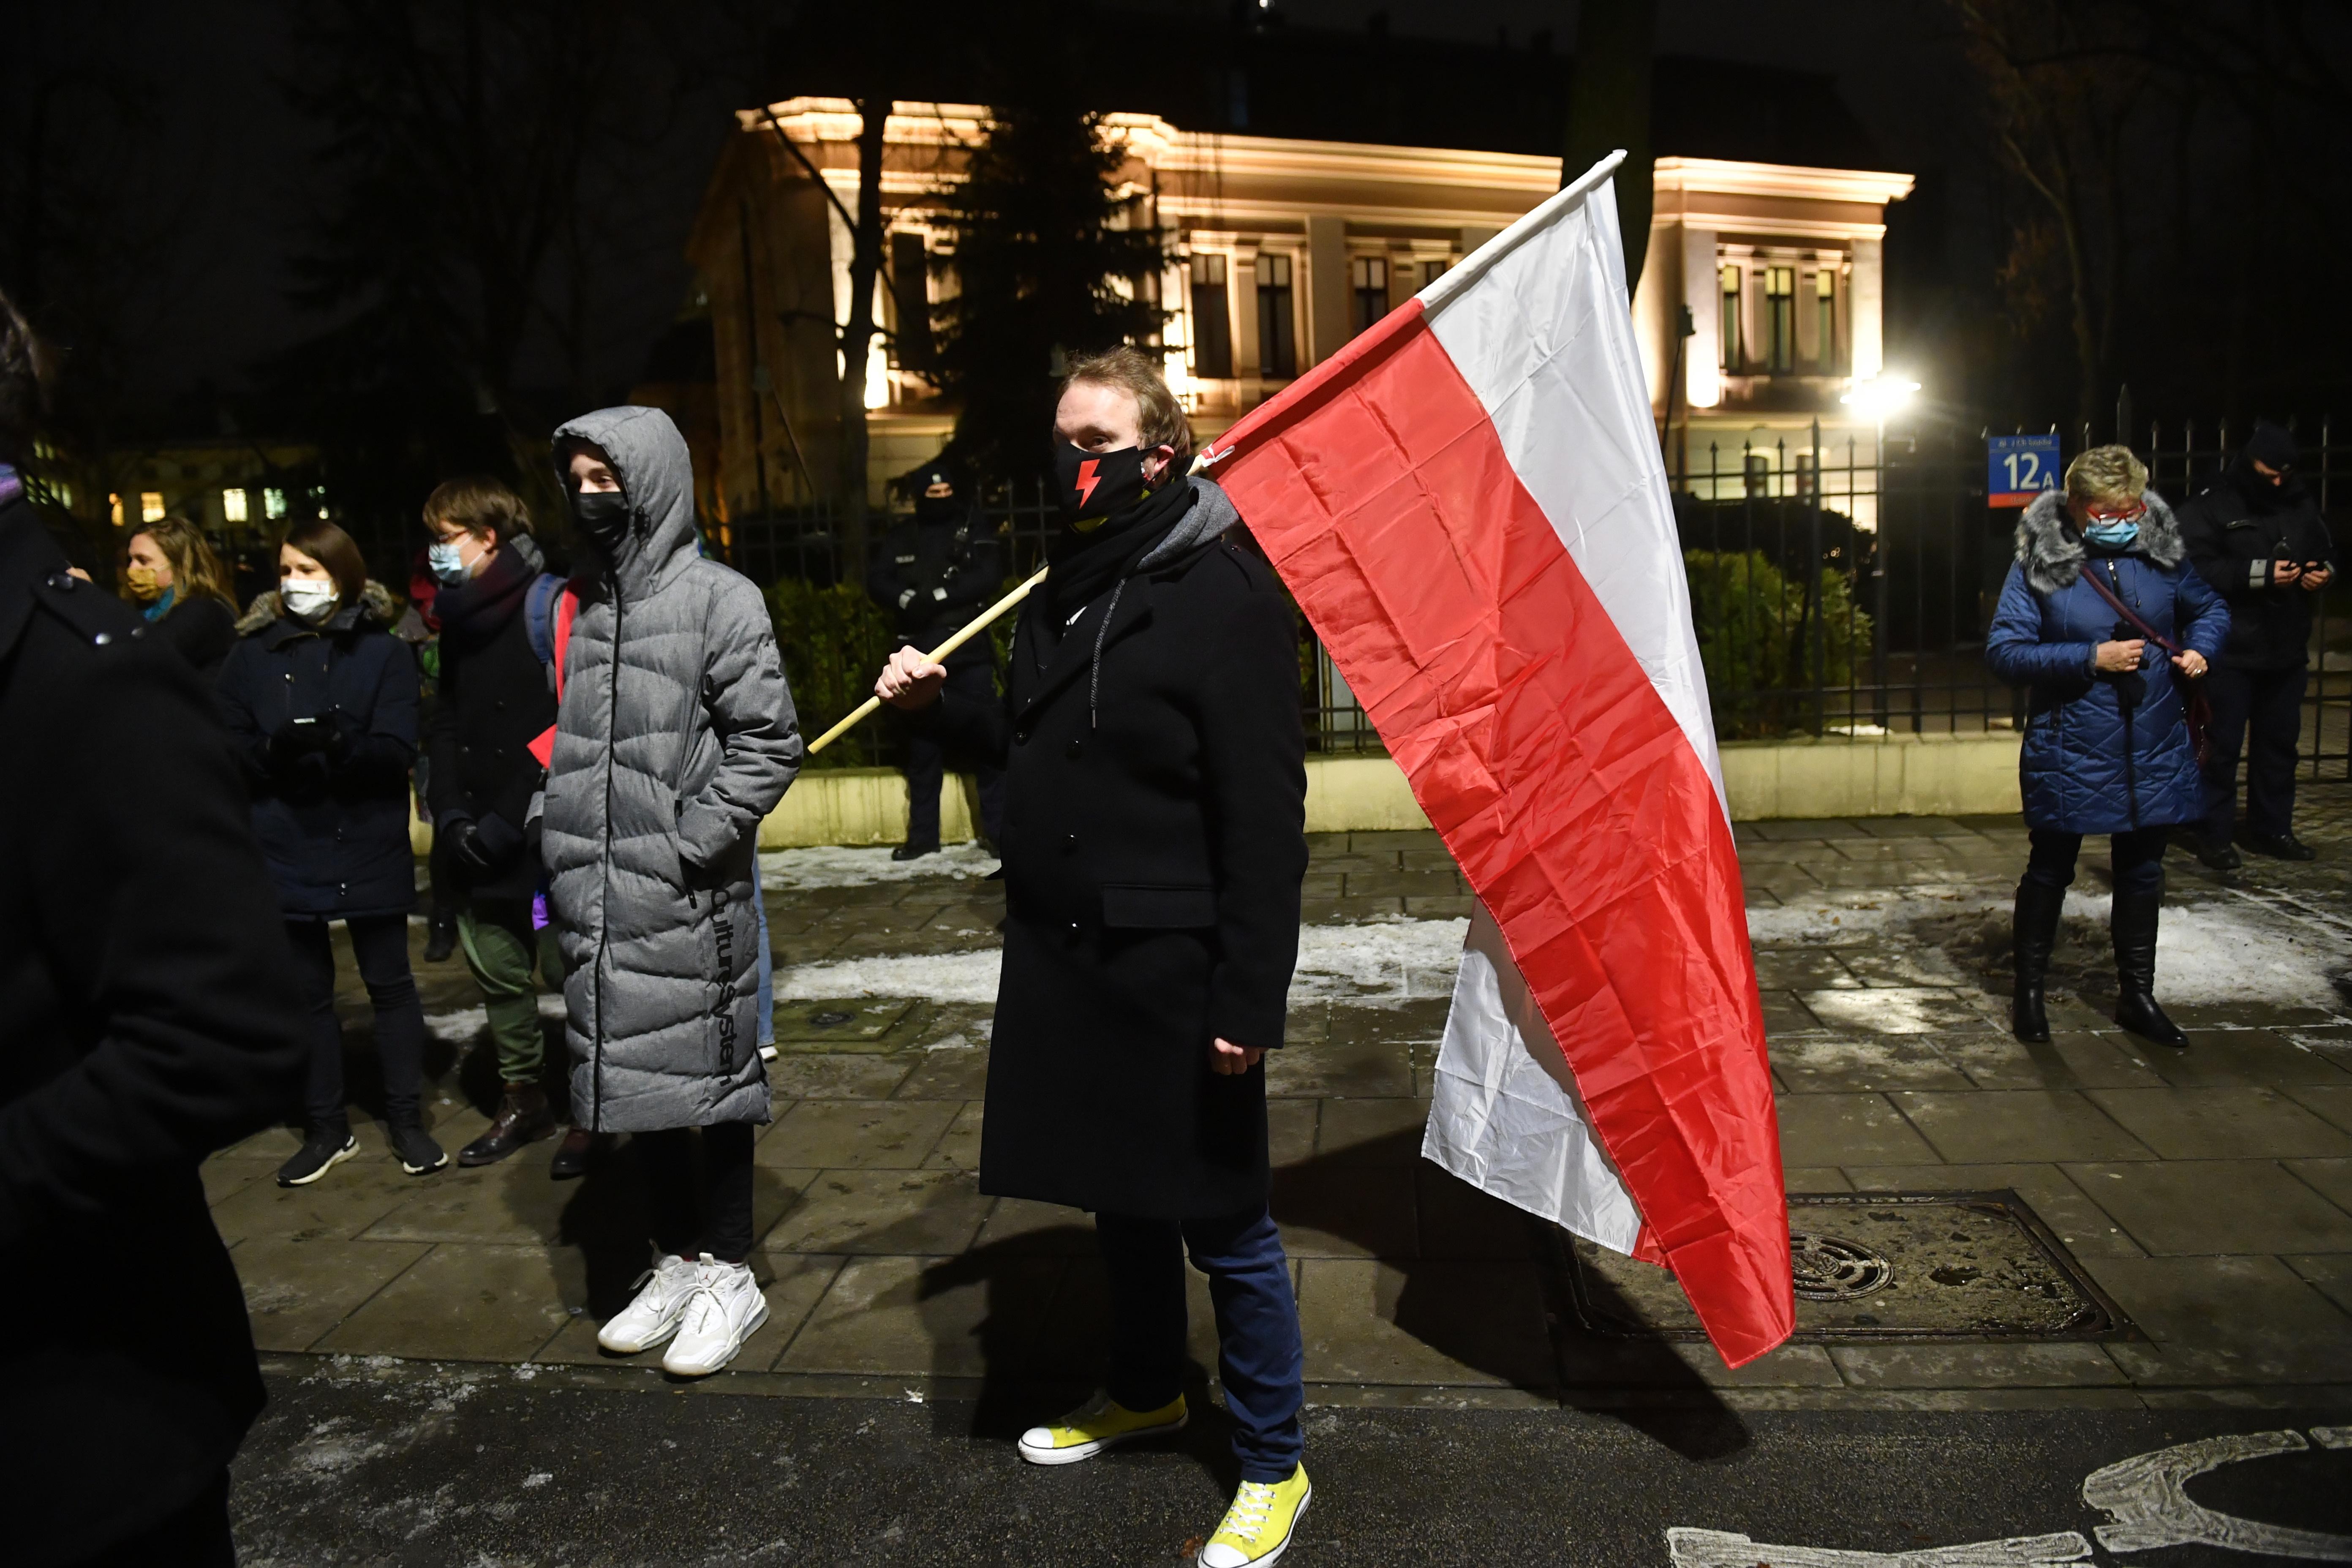 В Польщі остаточно заборонили аборти - наслідки (Фото)  - фото 2